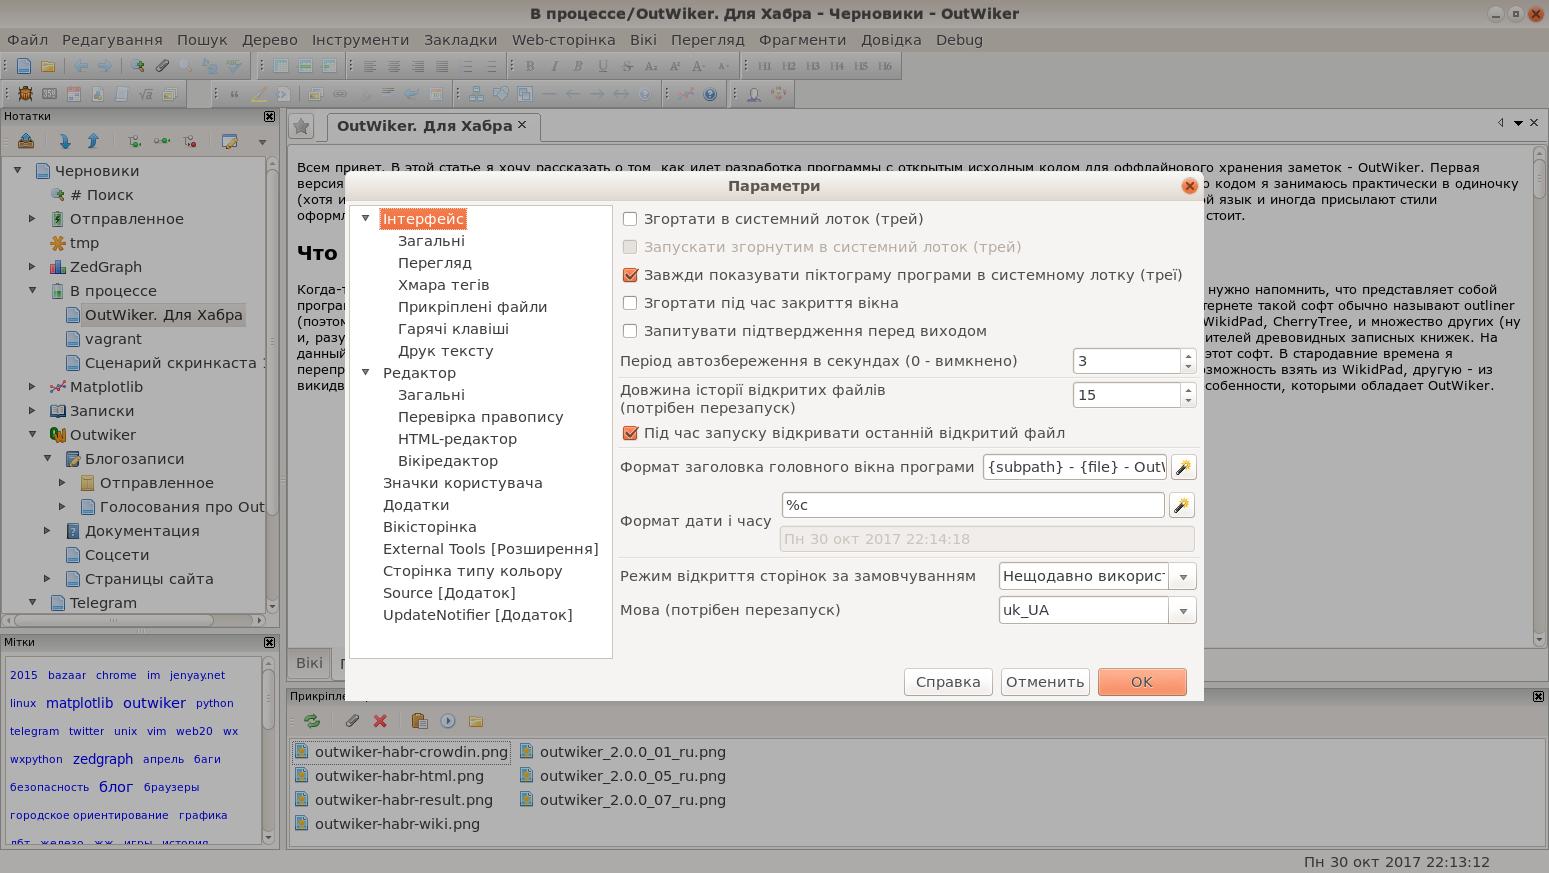 О разработке одного desktop-приложения на Python - 8